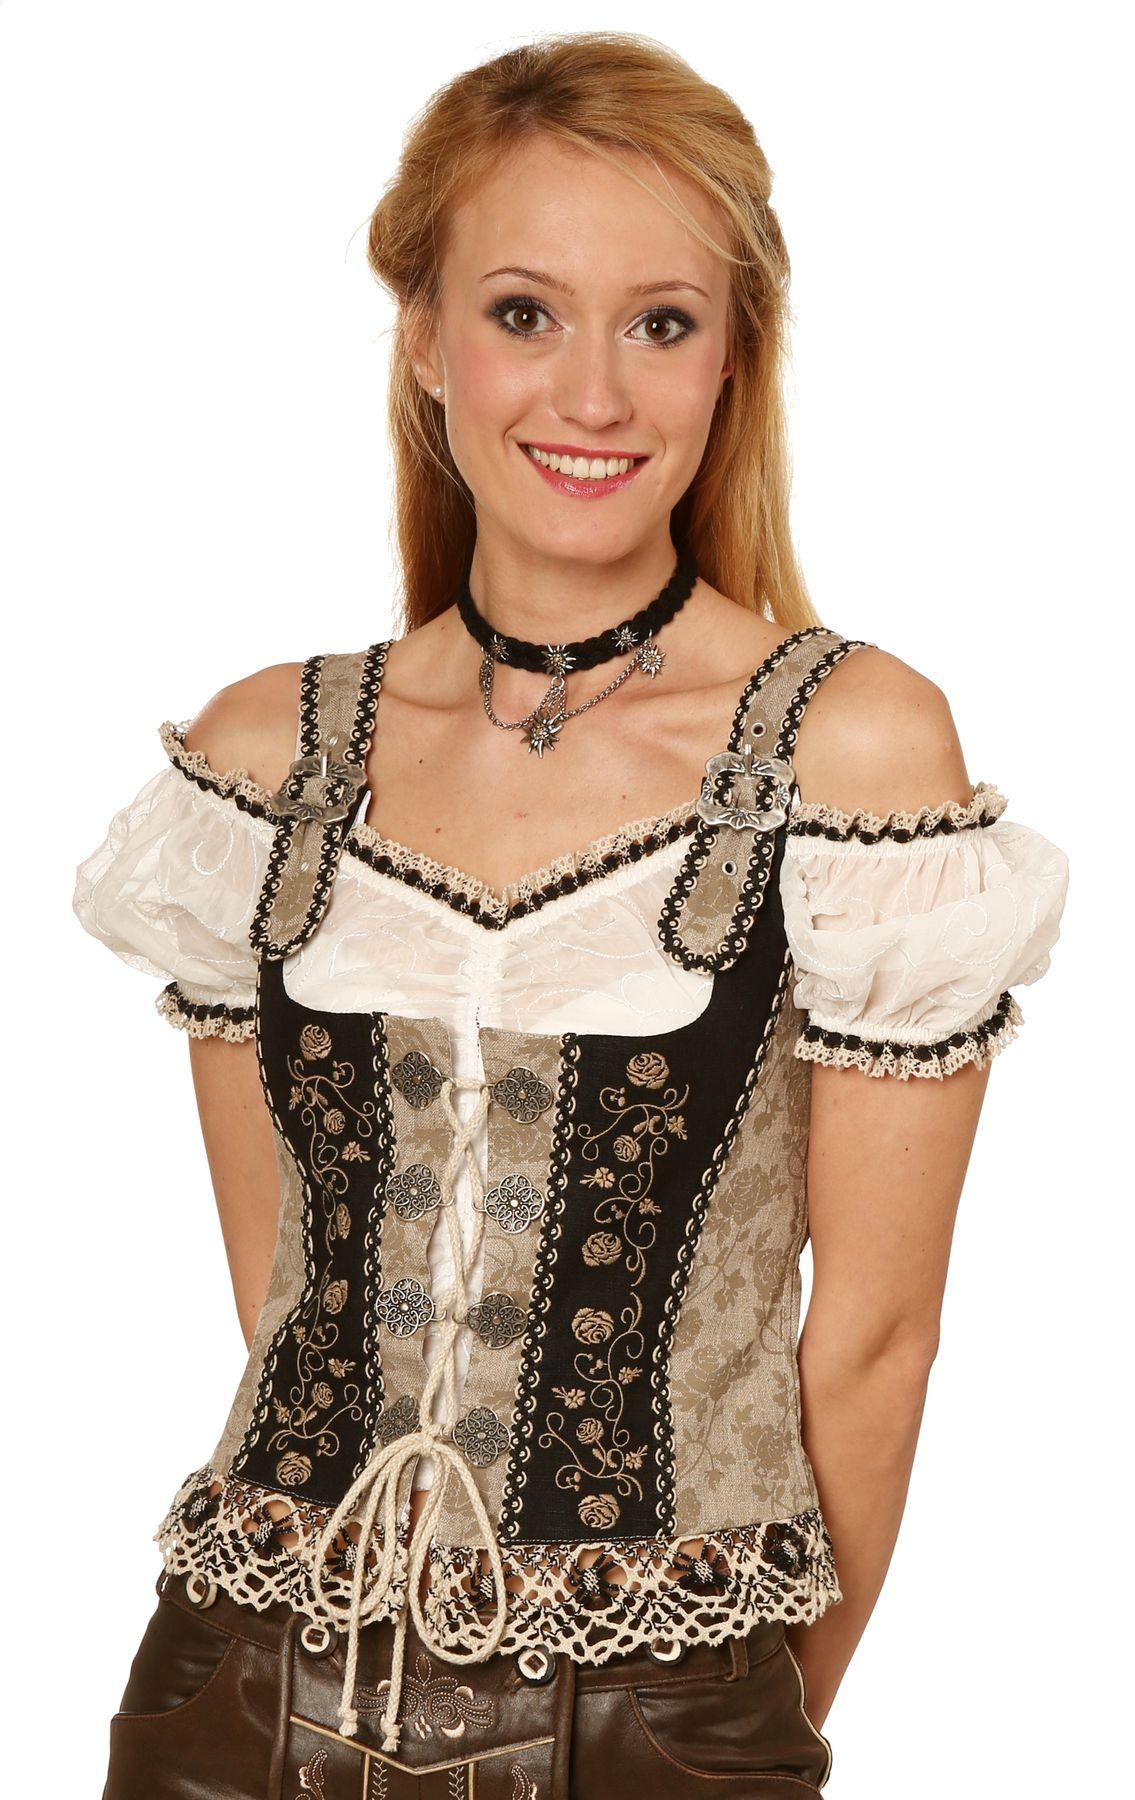 Fuchs Trachten - Damen Trachten Mieder (Artikelnummer: 4583)